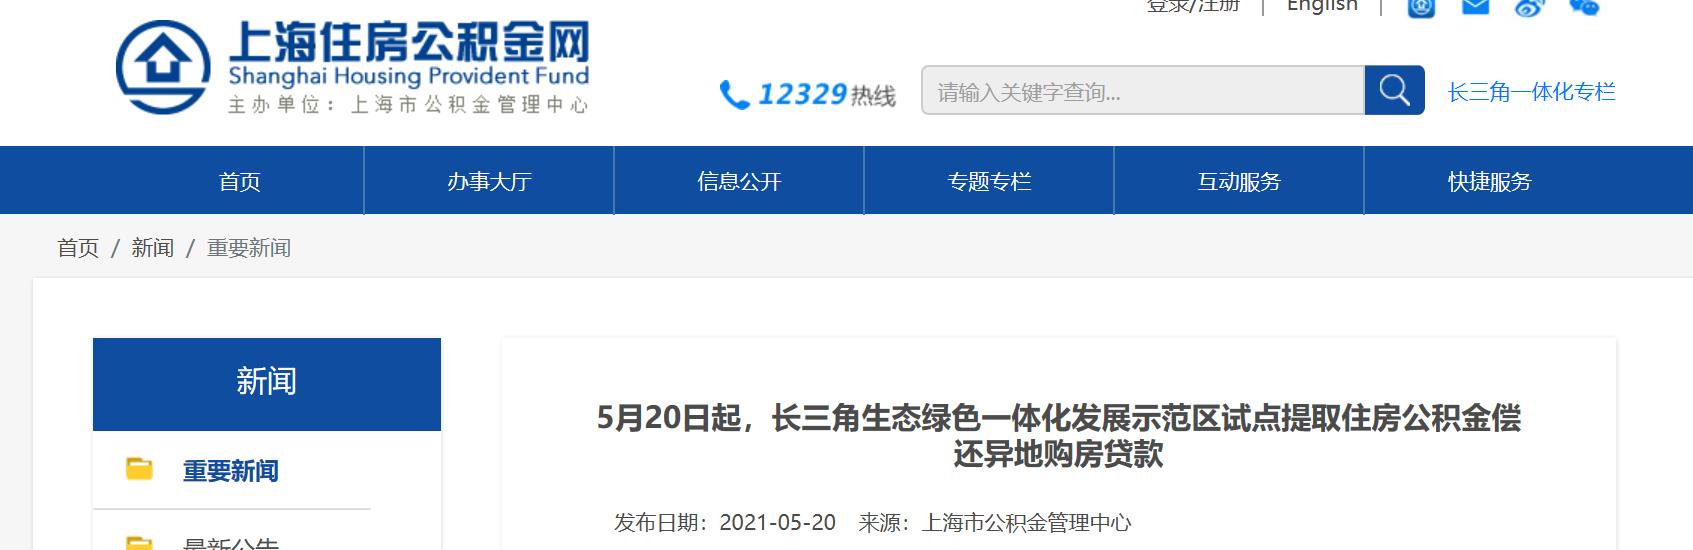 苏州这个区域紧跟园区,开启了沪苏同城化加速模式!